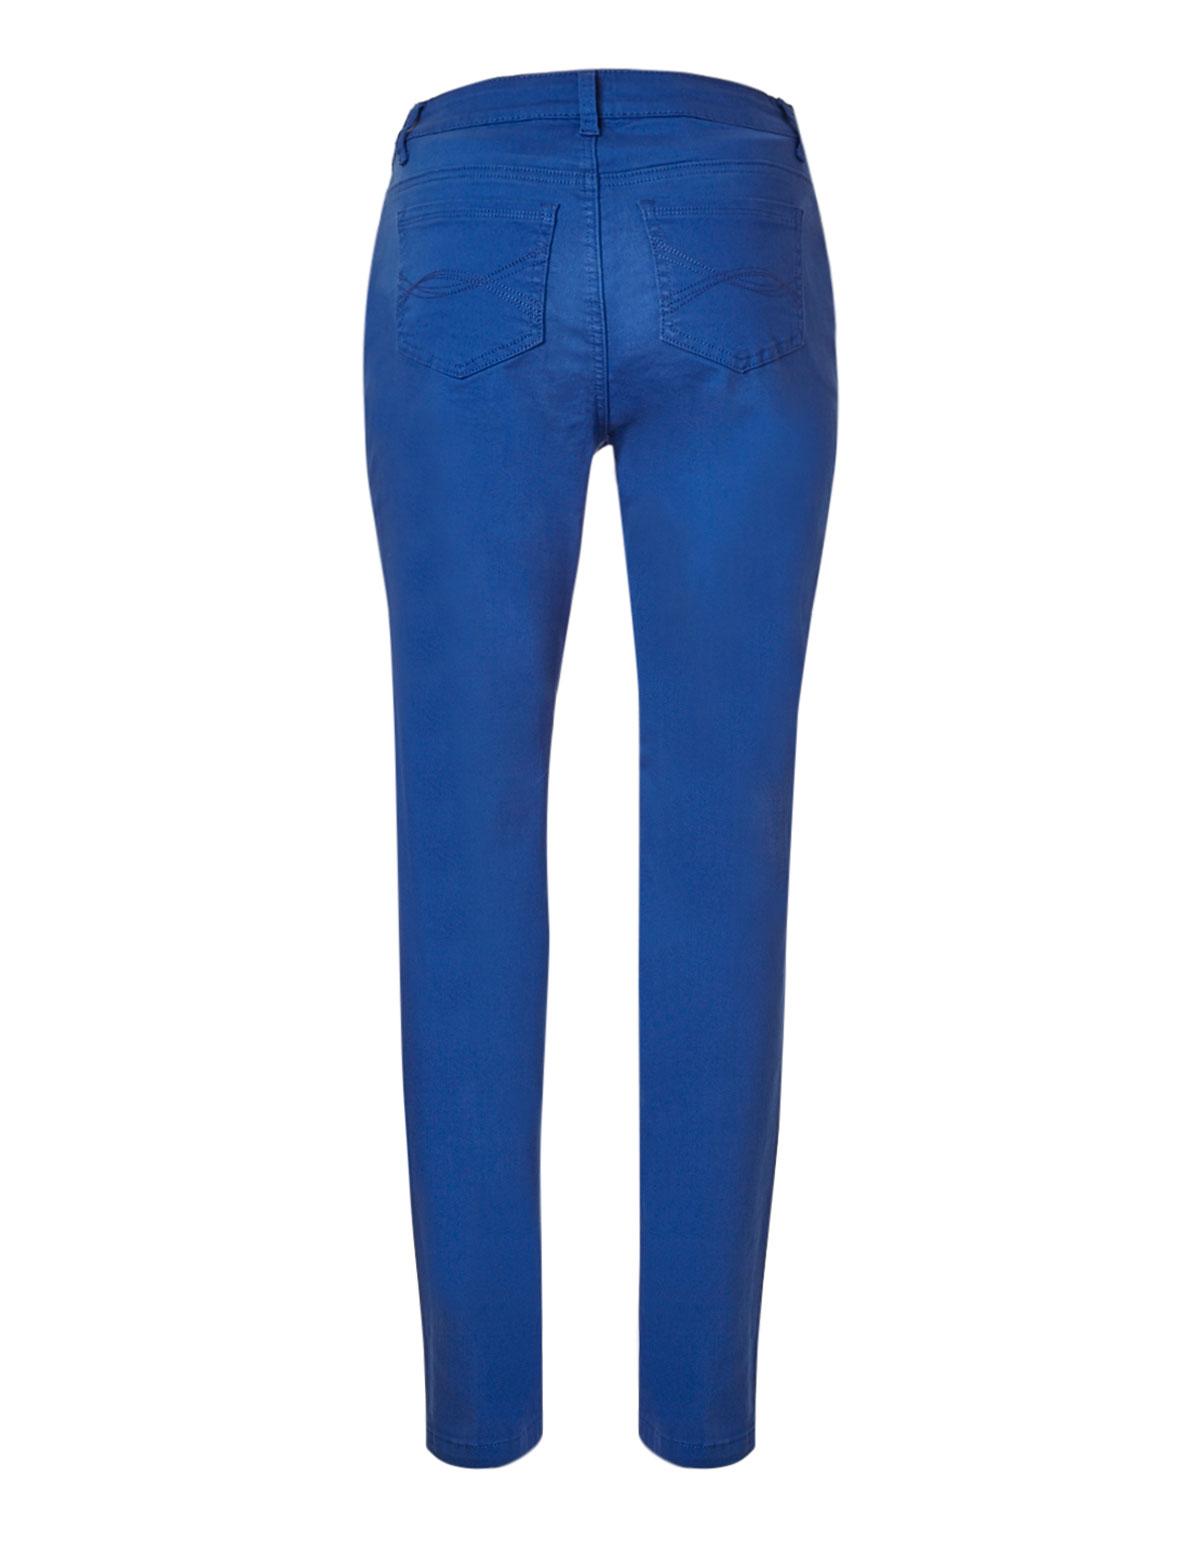 695a1484fe7c88 ... Cobalt Curvy Slim Leg Jean, Cobalt, hi-res ...